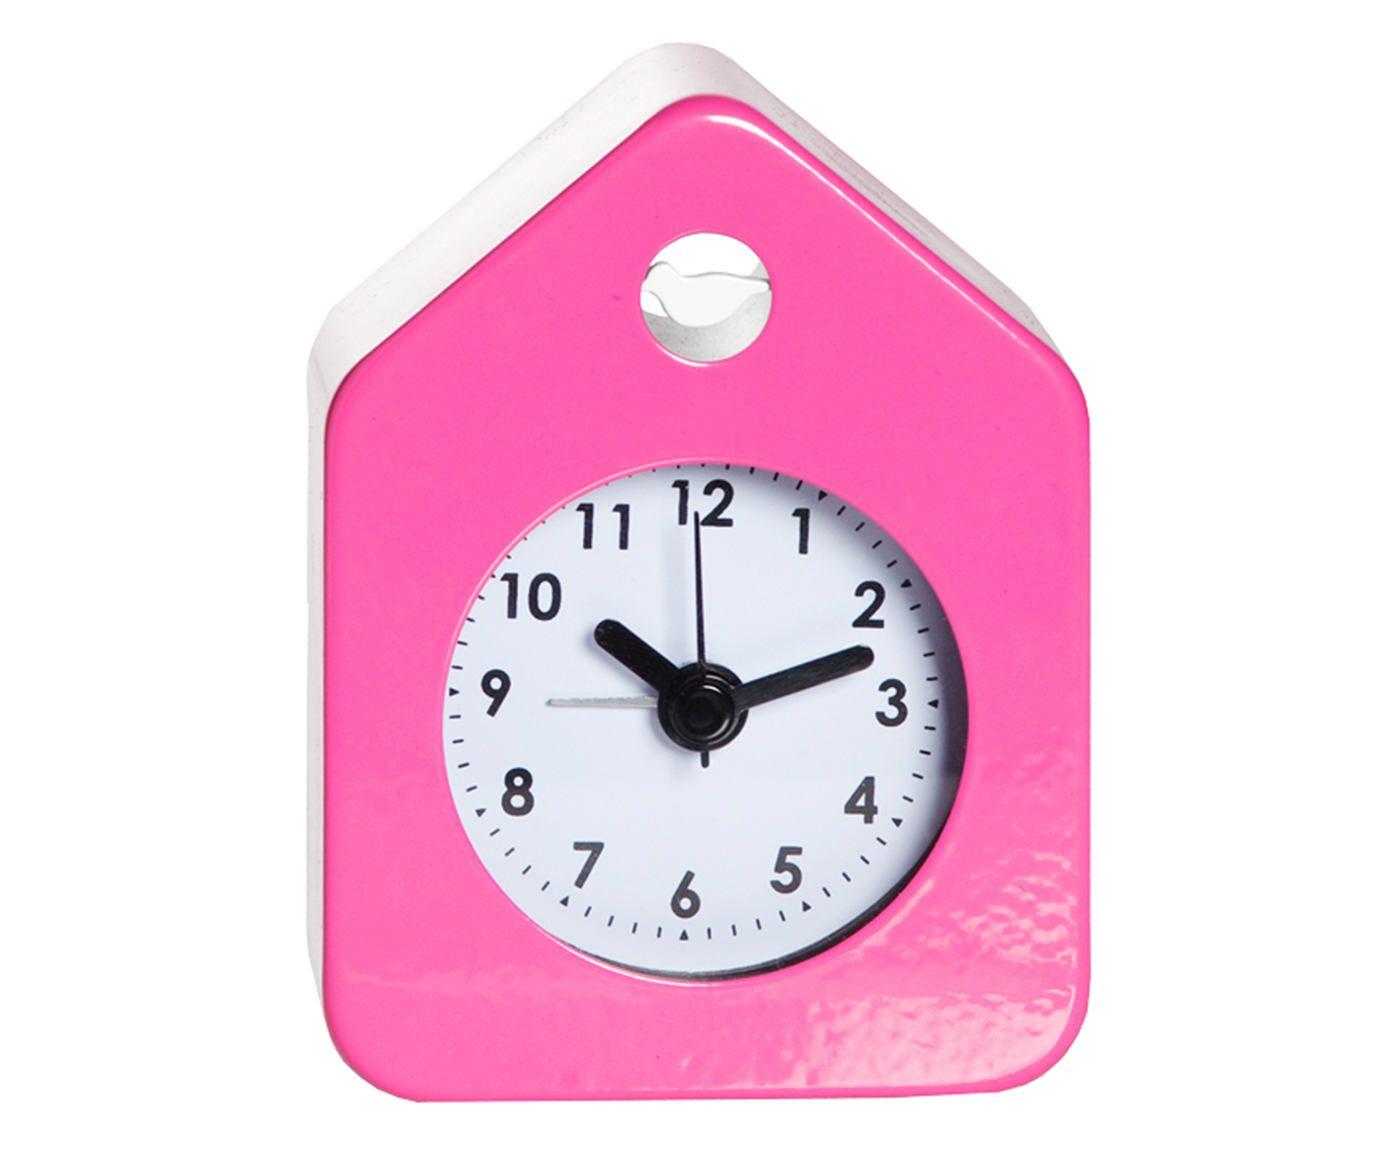 Relógio Despertador House Style - Rosa   Westwing.com.br